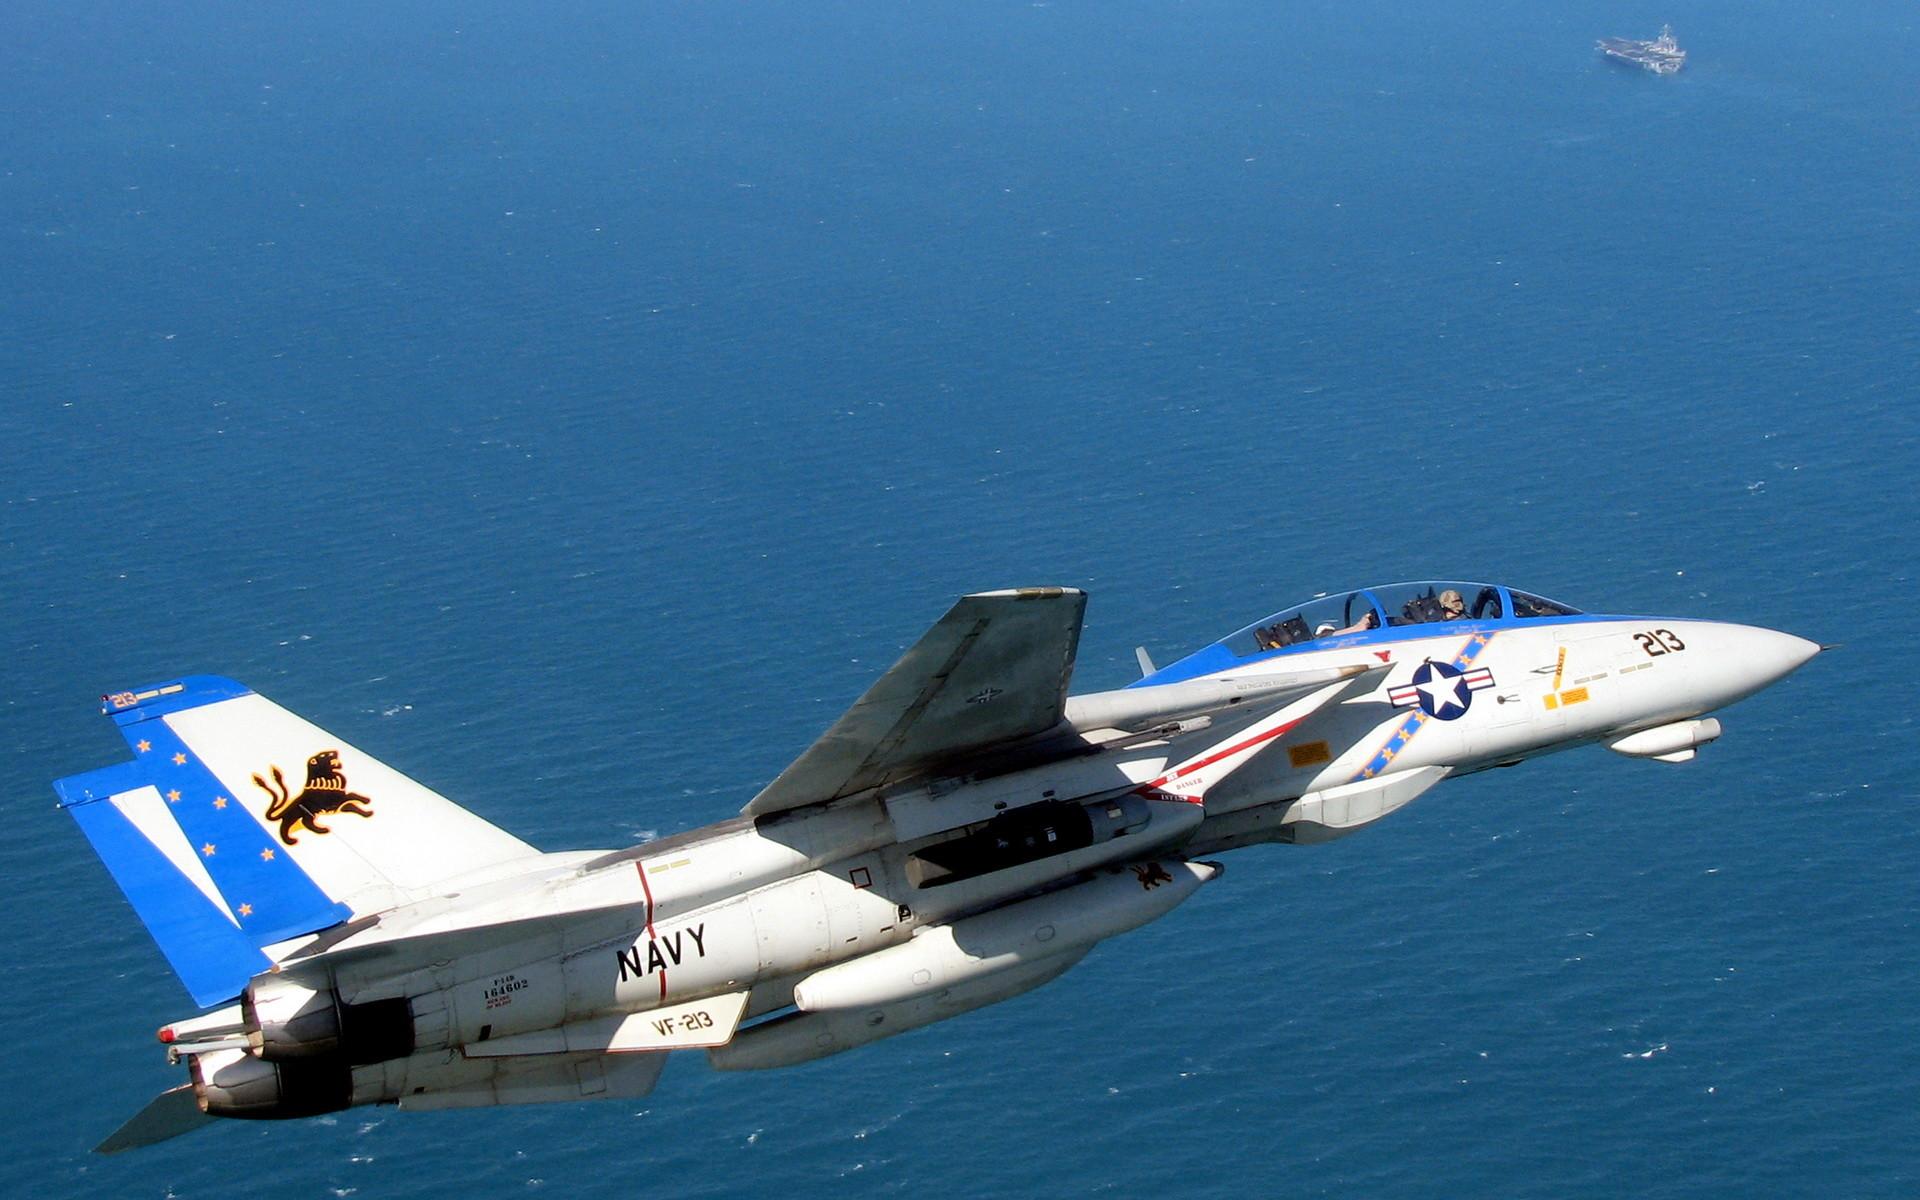 Grumman F-14 Tomcat wallpapers and stock photos